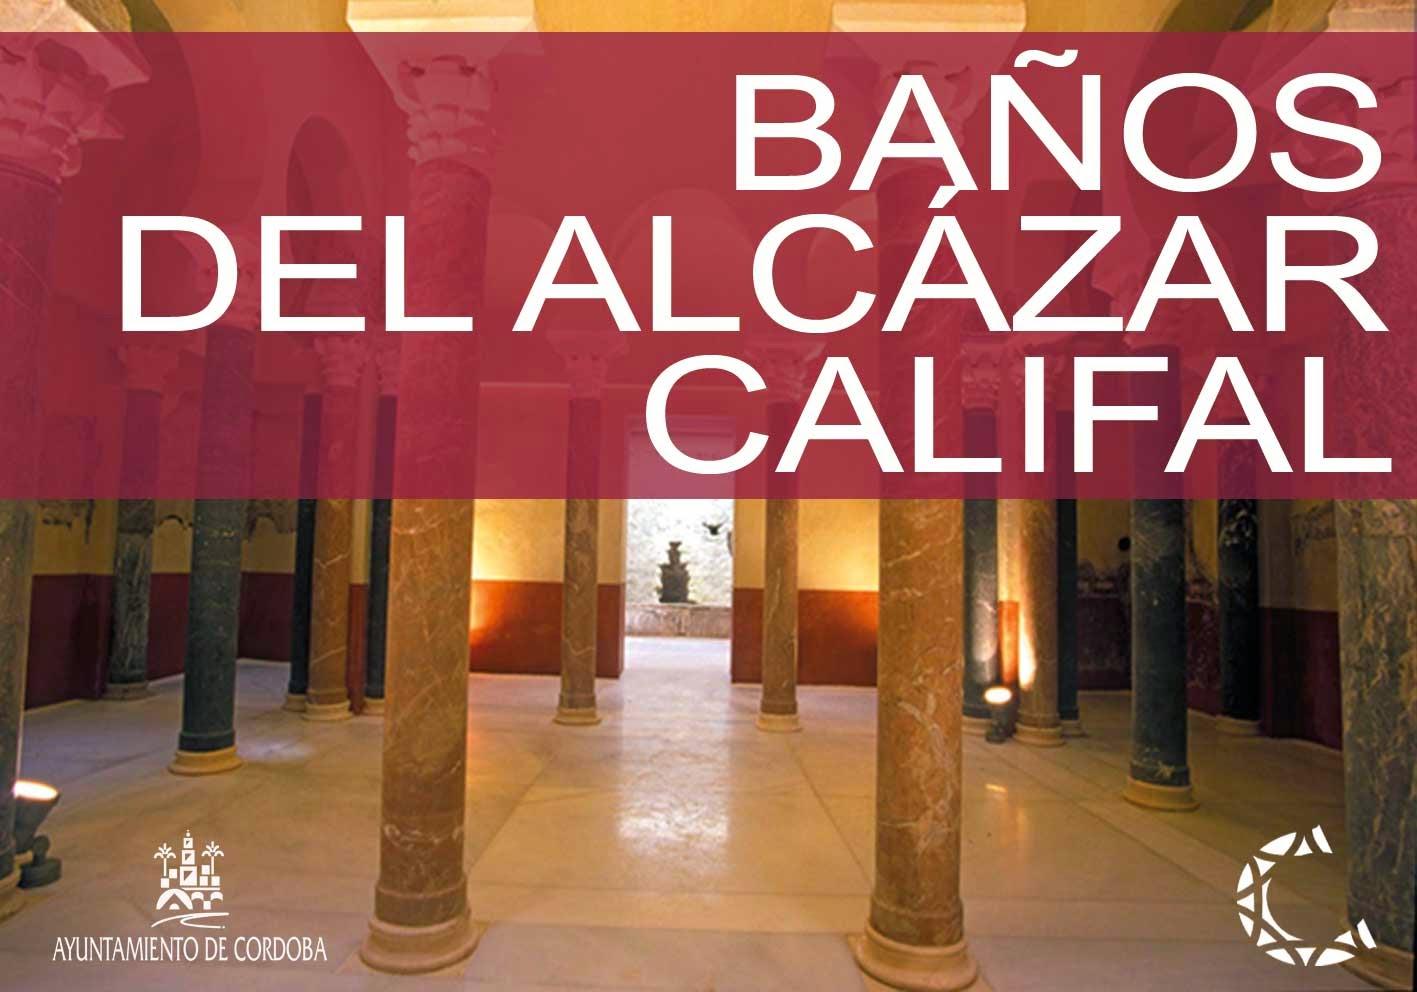 Vista interior con el texto escrito: Baños del Alcázar Califal. Logos del Ayuntamiento de Córdoba y del Consorcio de Turismo de córdoba.